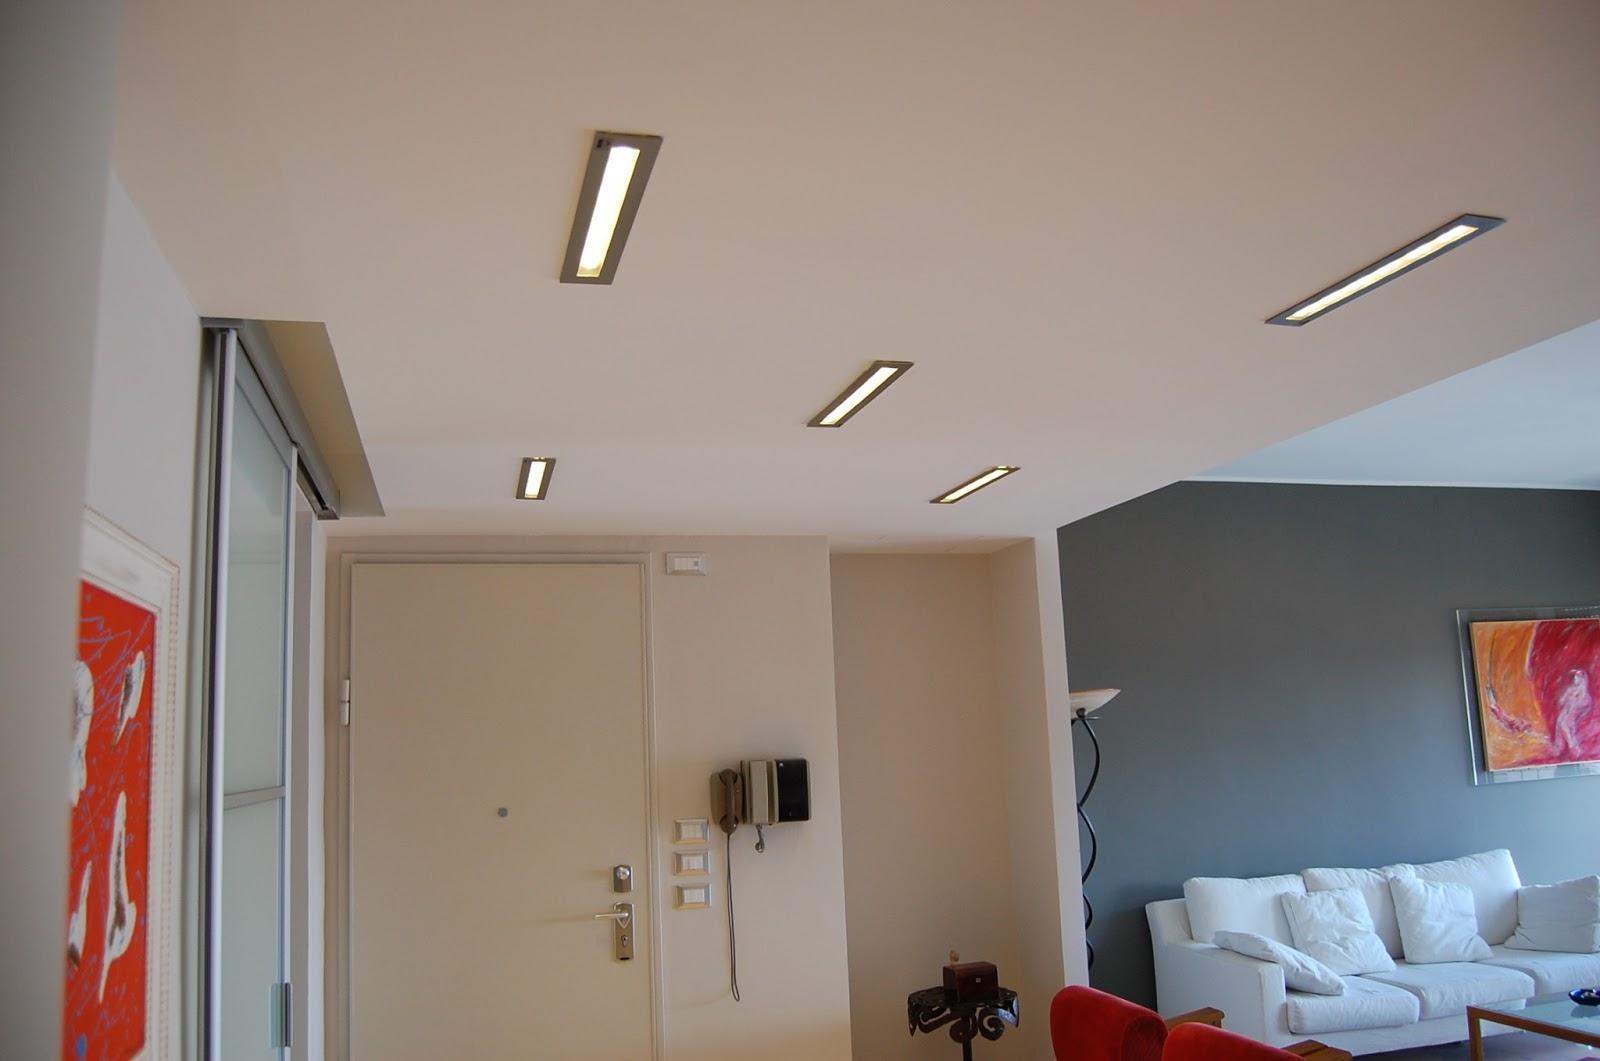 Illuminazione led casa appartamento progetto illuminotecnico